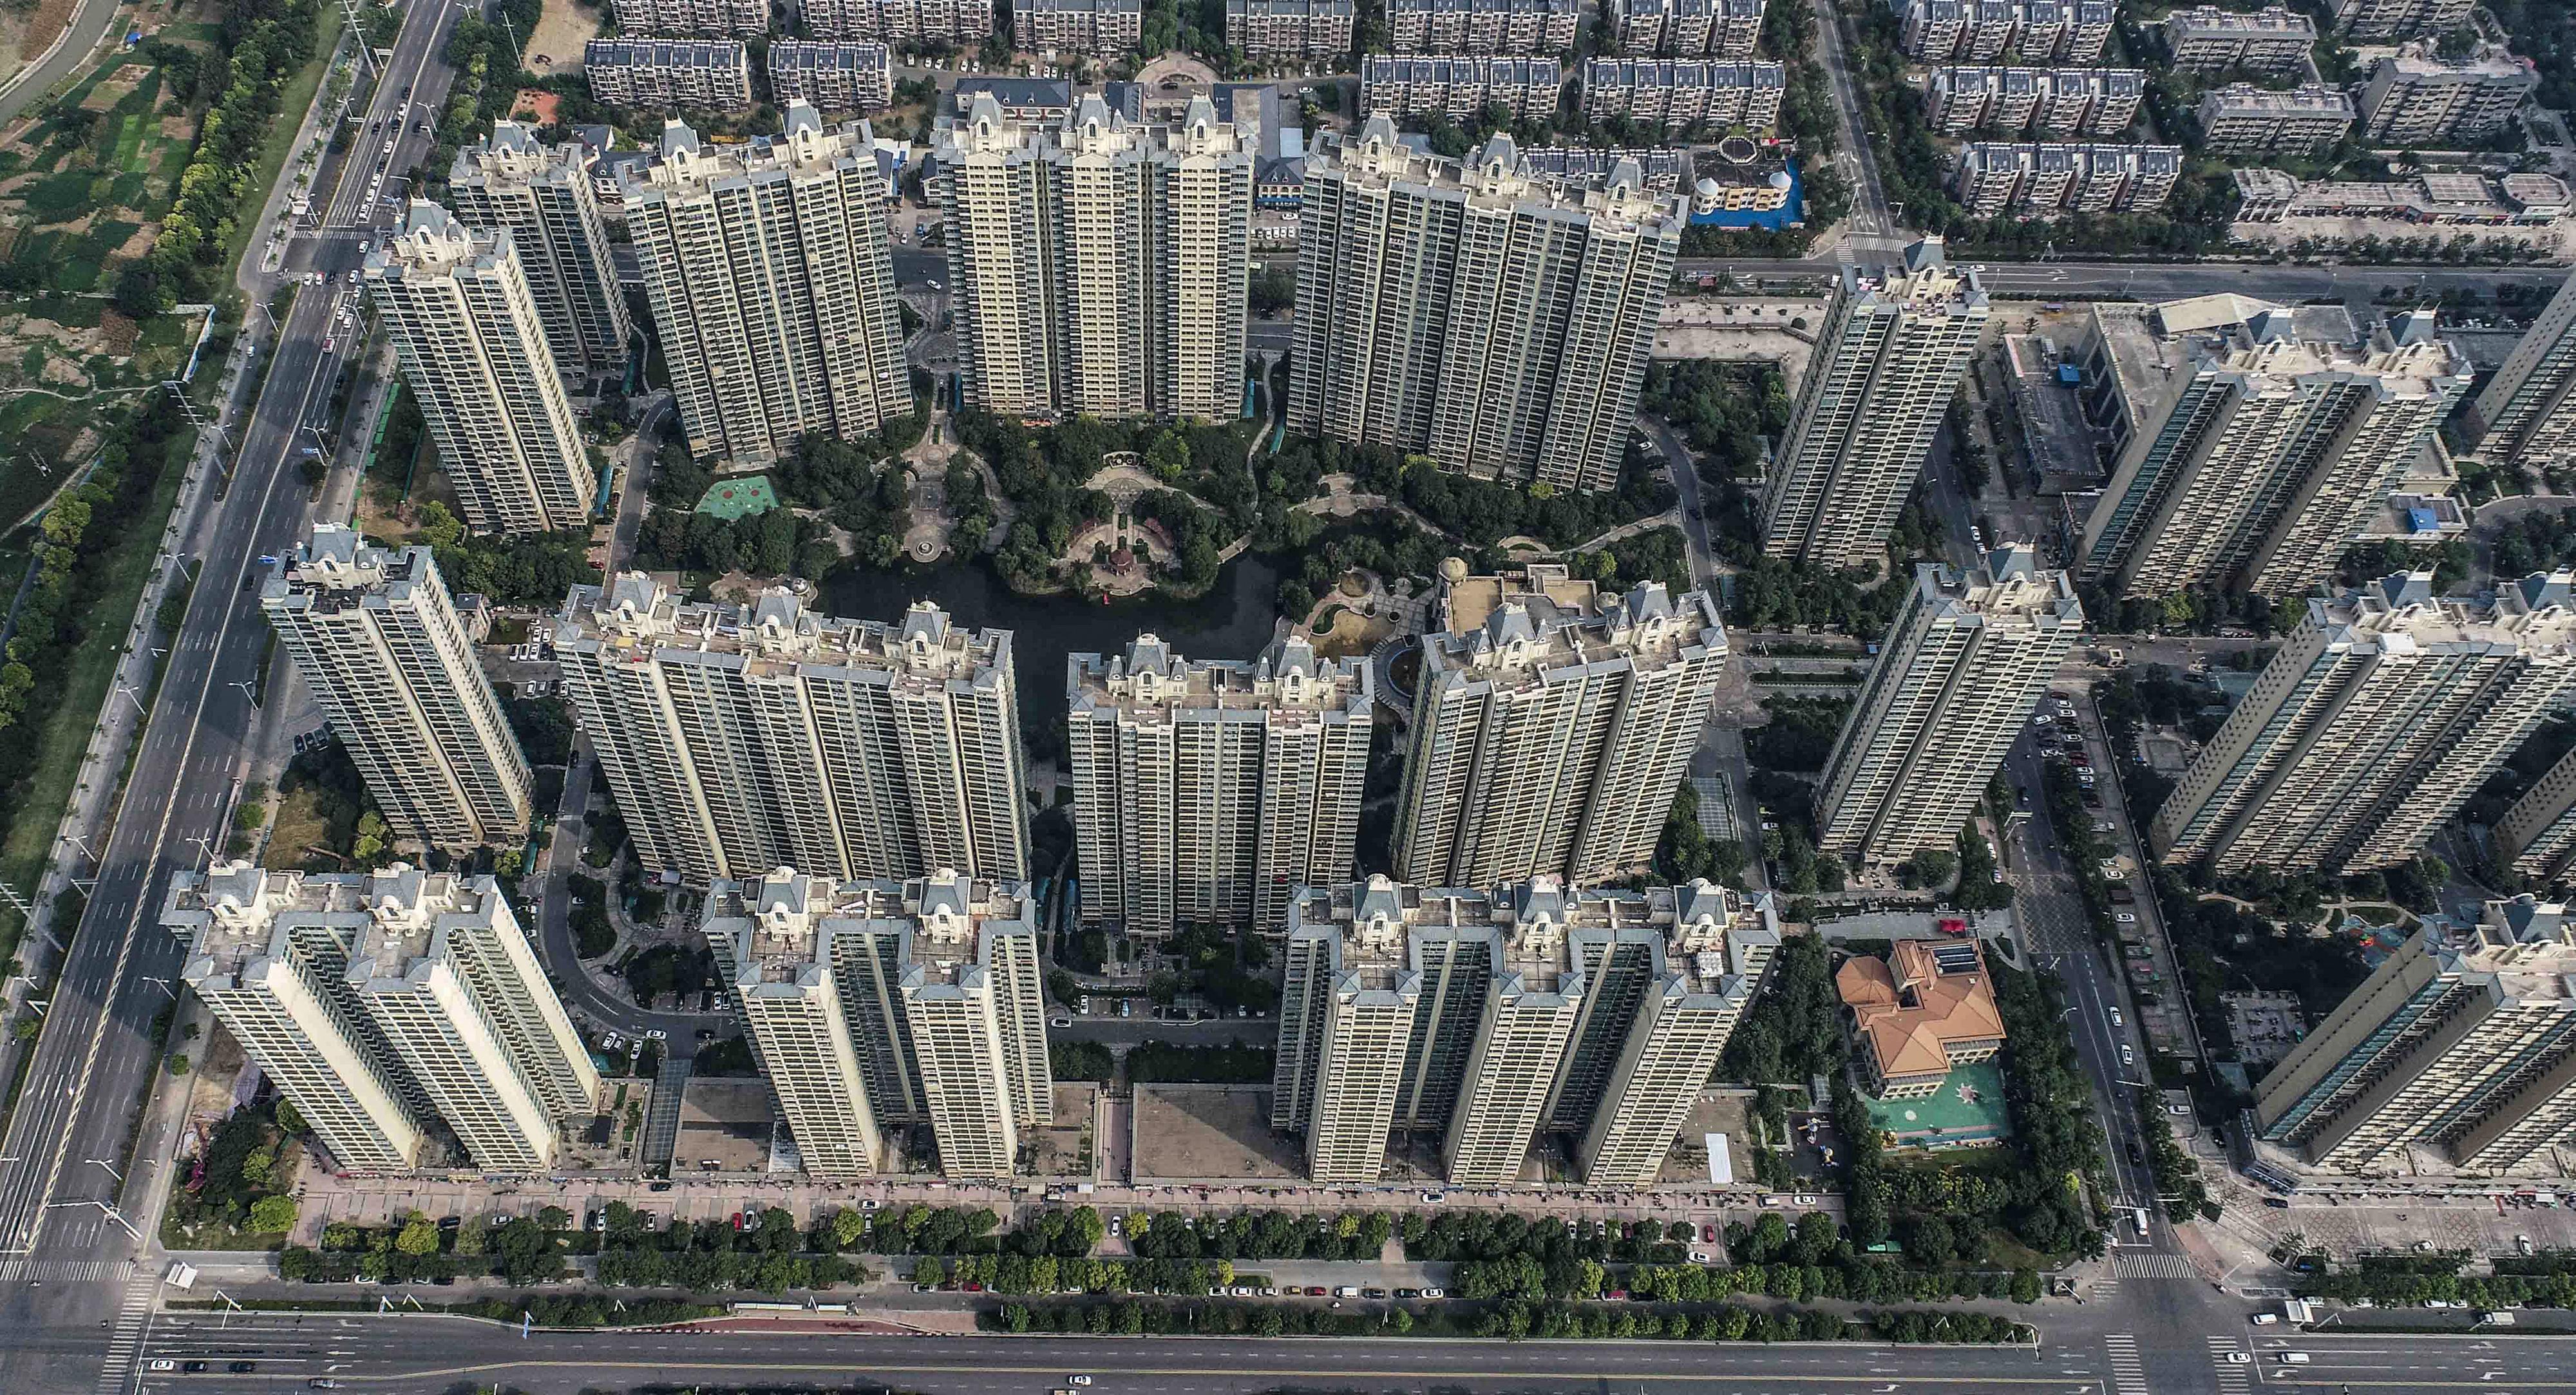 Pukkanás közelében a kínai ingatlanpiaci buborék, és nem lehet megmondani, hogy mekkora válság lesz majd ebből